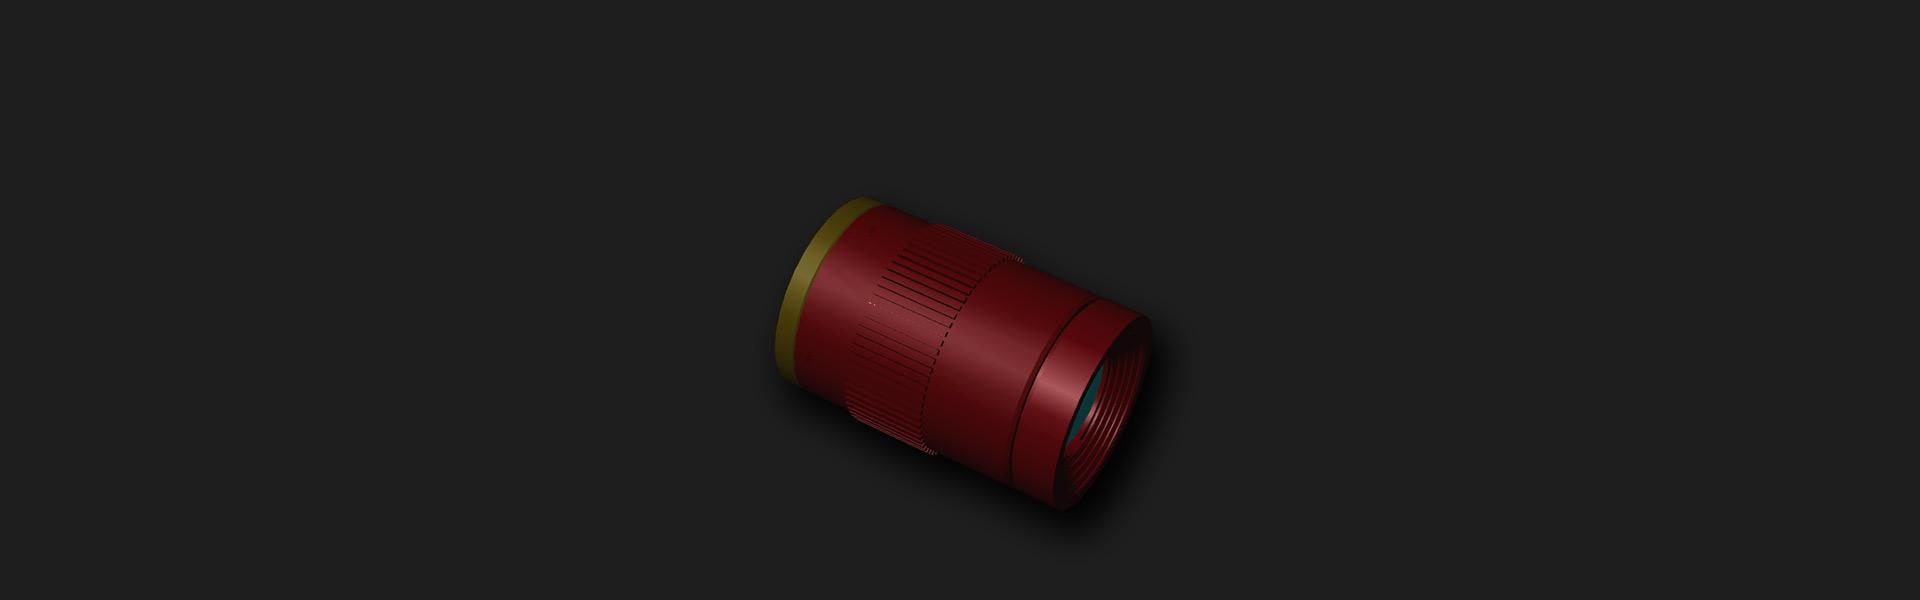 光学系统设计,光学镜头定制